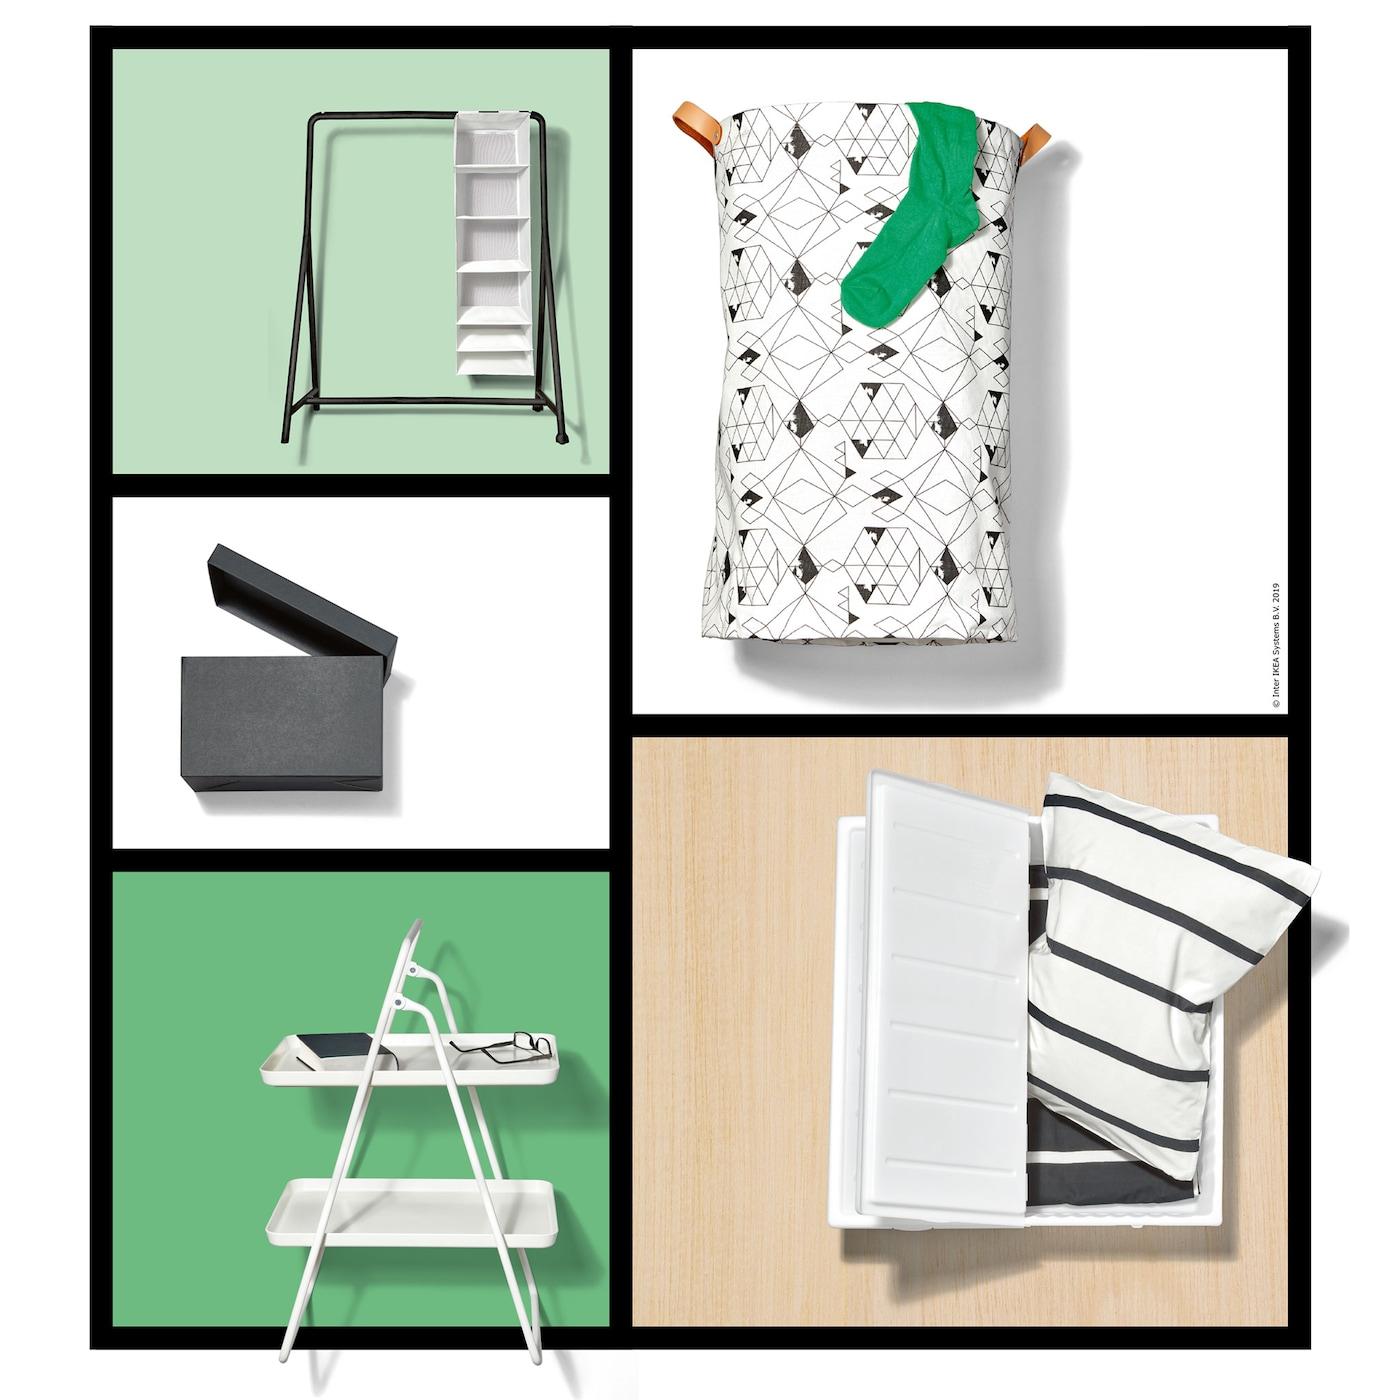 TURBO Kleiderständer und SKUBB Aufbewahrungsboxen